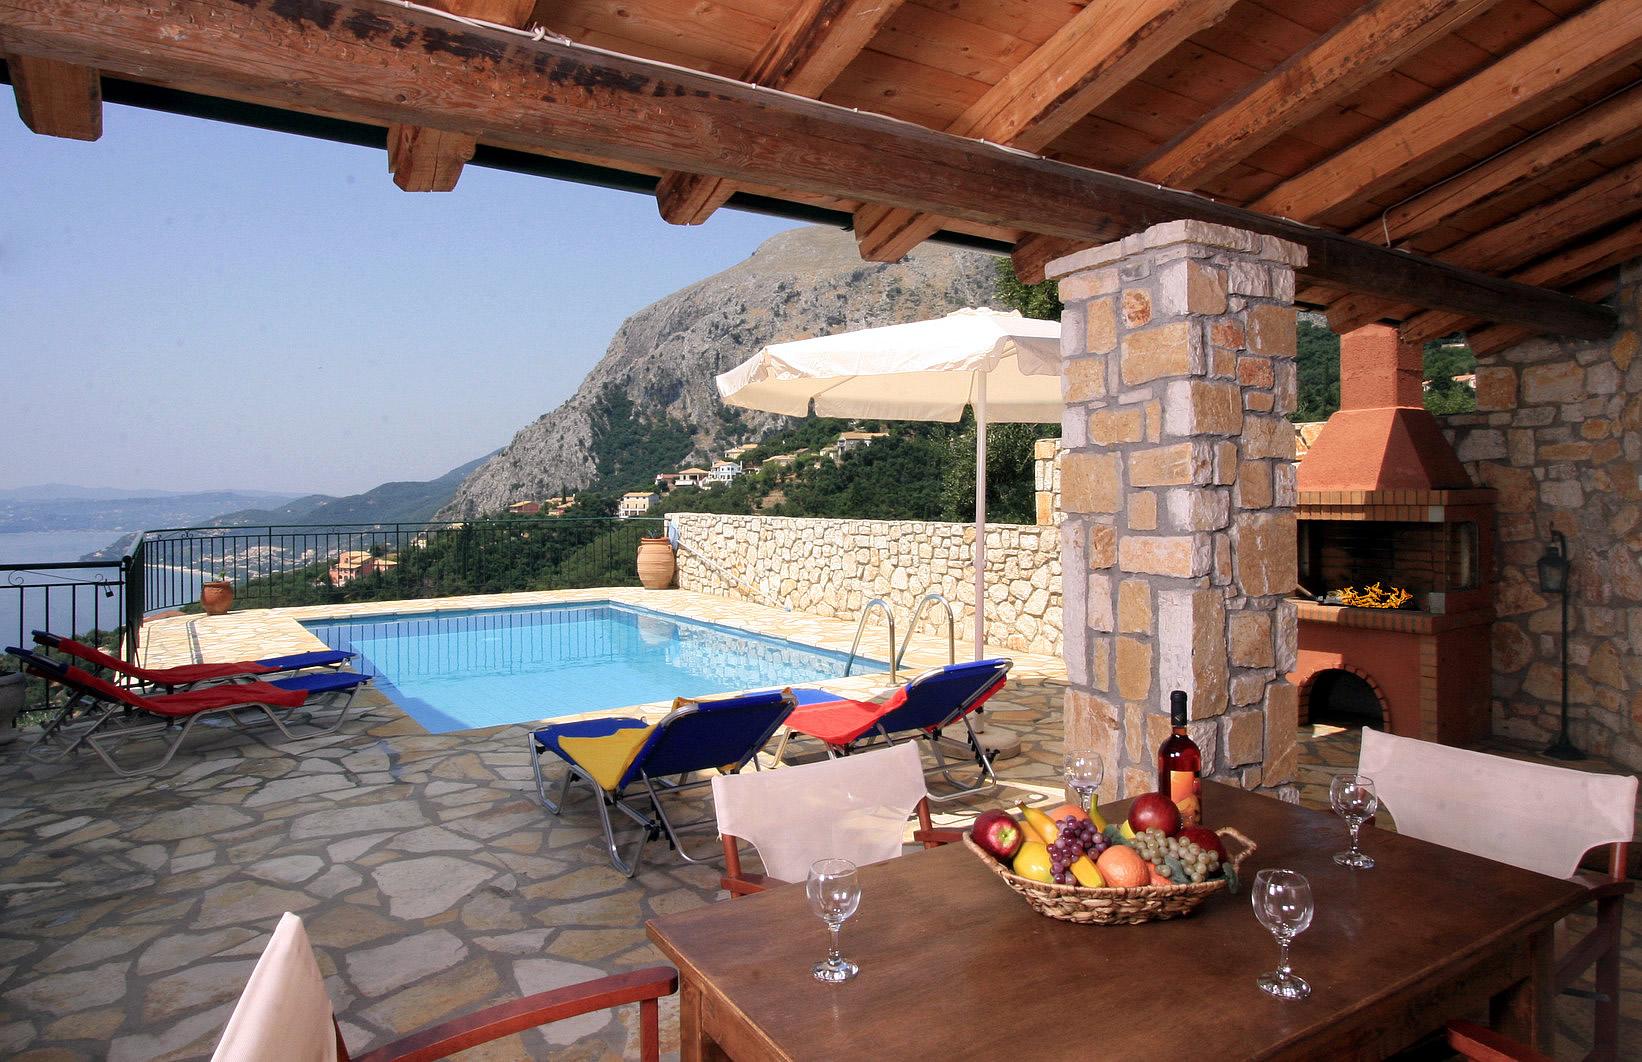 """Blick auf die Berge - Korfu Ferienhäuser mit Pool """"Villen Zeta und Marianthi""""  in Nissaki, Ostküste, KorfuCorfu.de"""